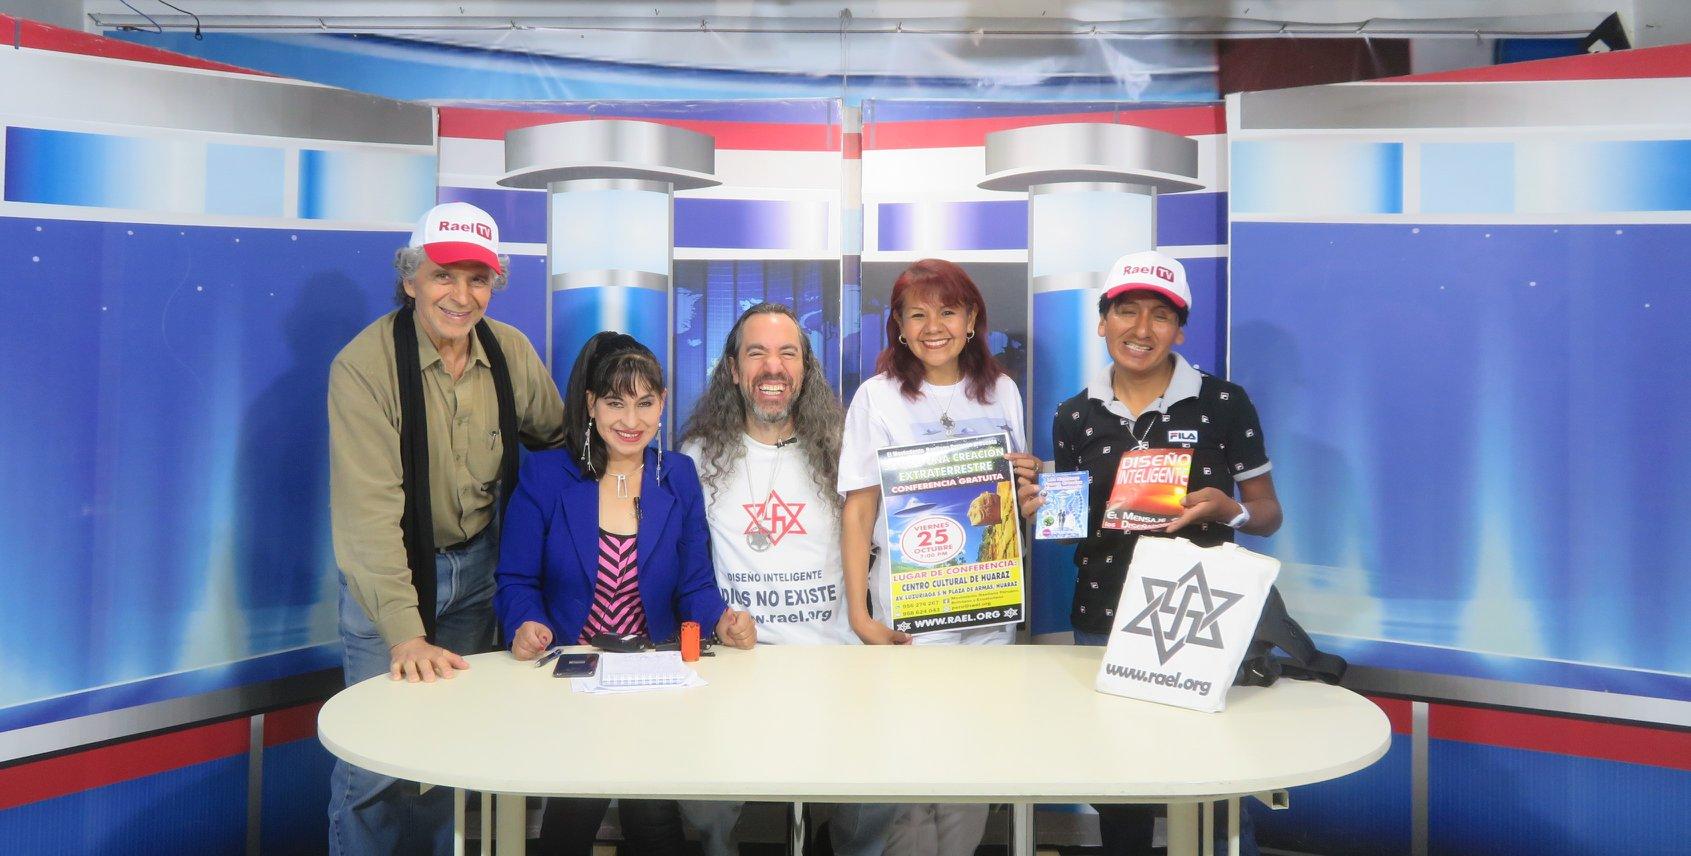 在秘鲁安卡什市瓦拉斯市的Star电视频道的早晨新闻,对秘鲁Raelian Movemnet的非常有趣的采访。 第9张